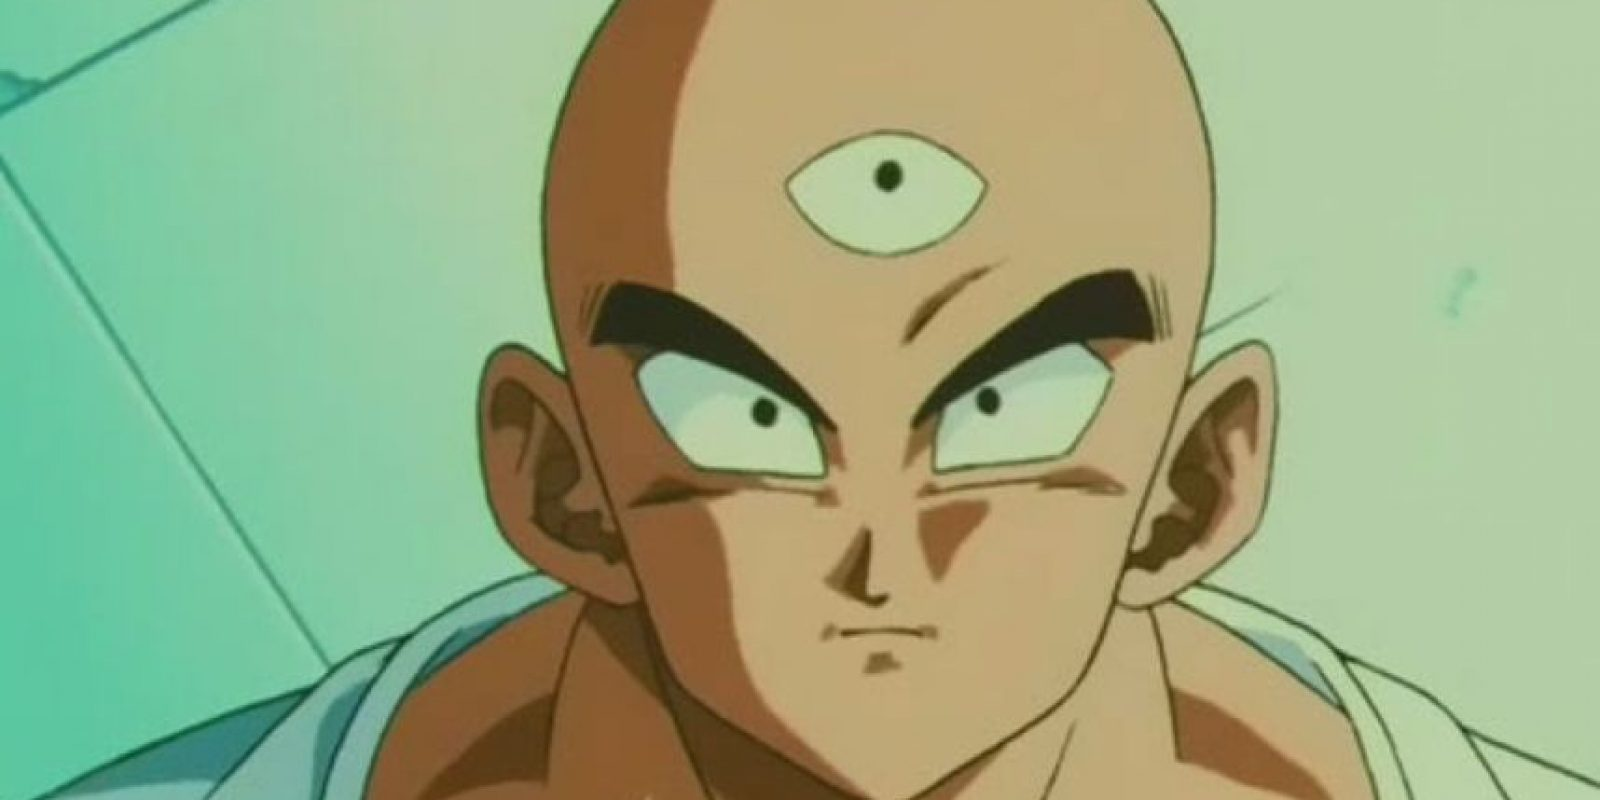 Ten Shin Han fue uno de los principales rivales de Gokú, para luego convertirse en su amigo. Es bastante disciplinado. Vive con Chaos, su mejor amigo. Foto:Toei